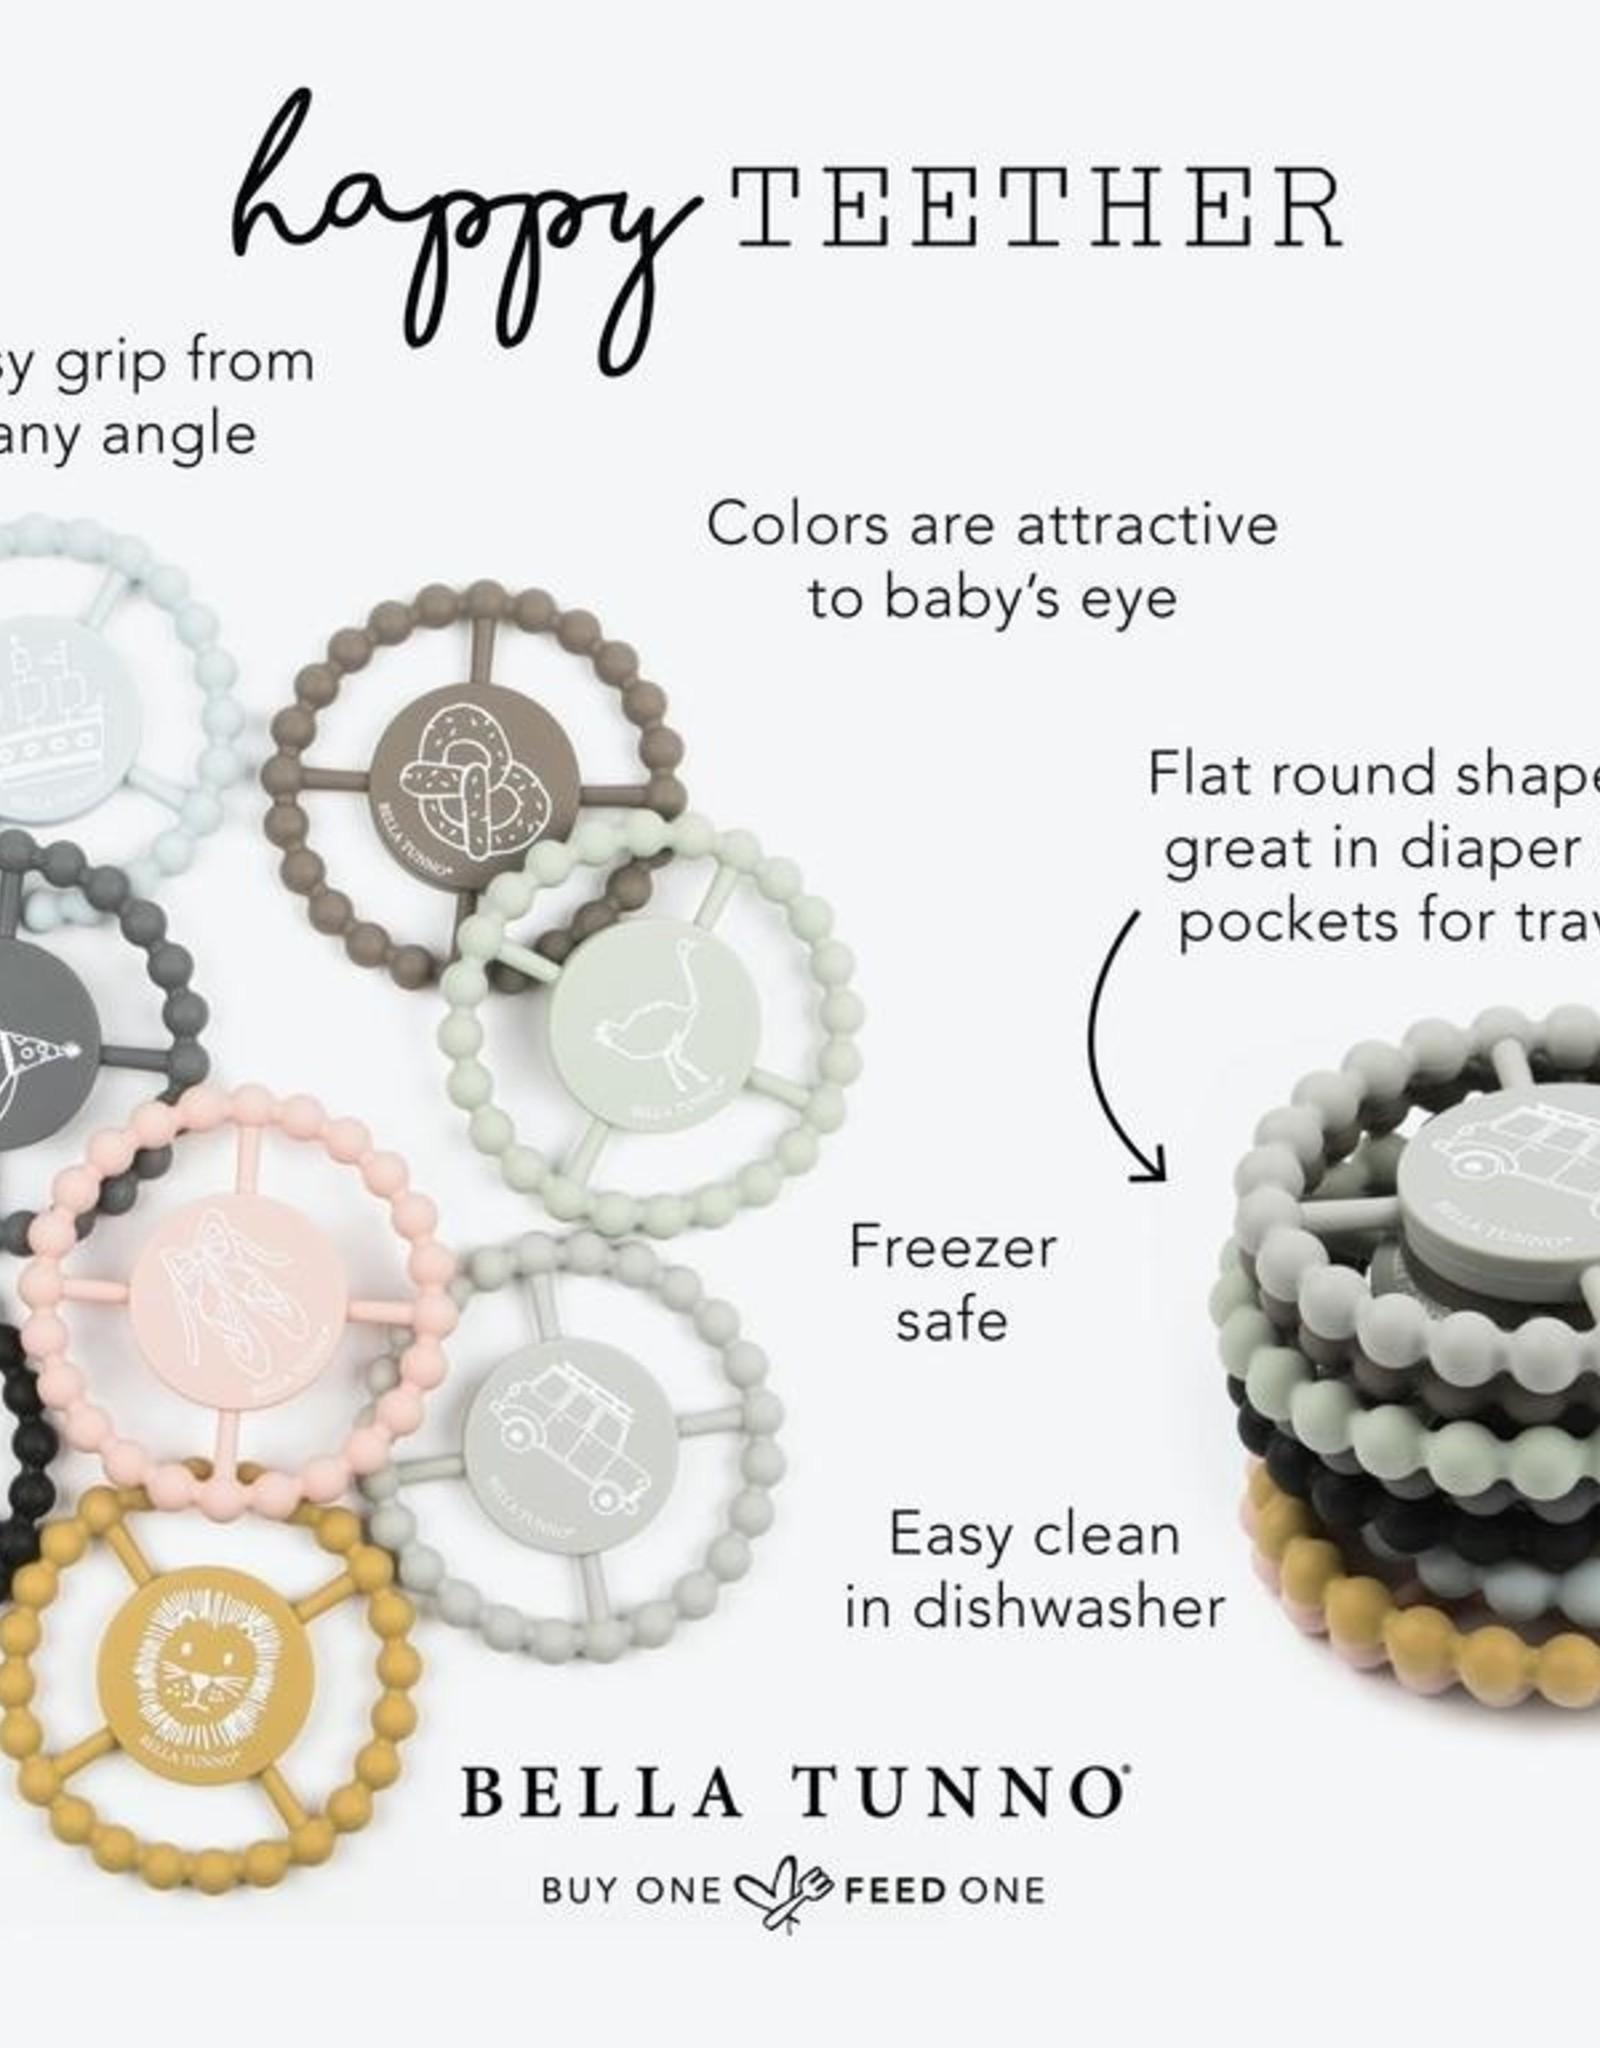 Bella Tunno Bella Tunno Happy Teether - Darling